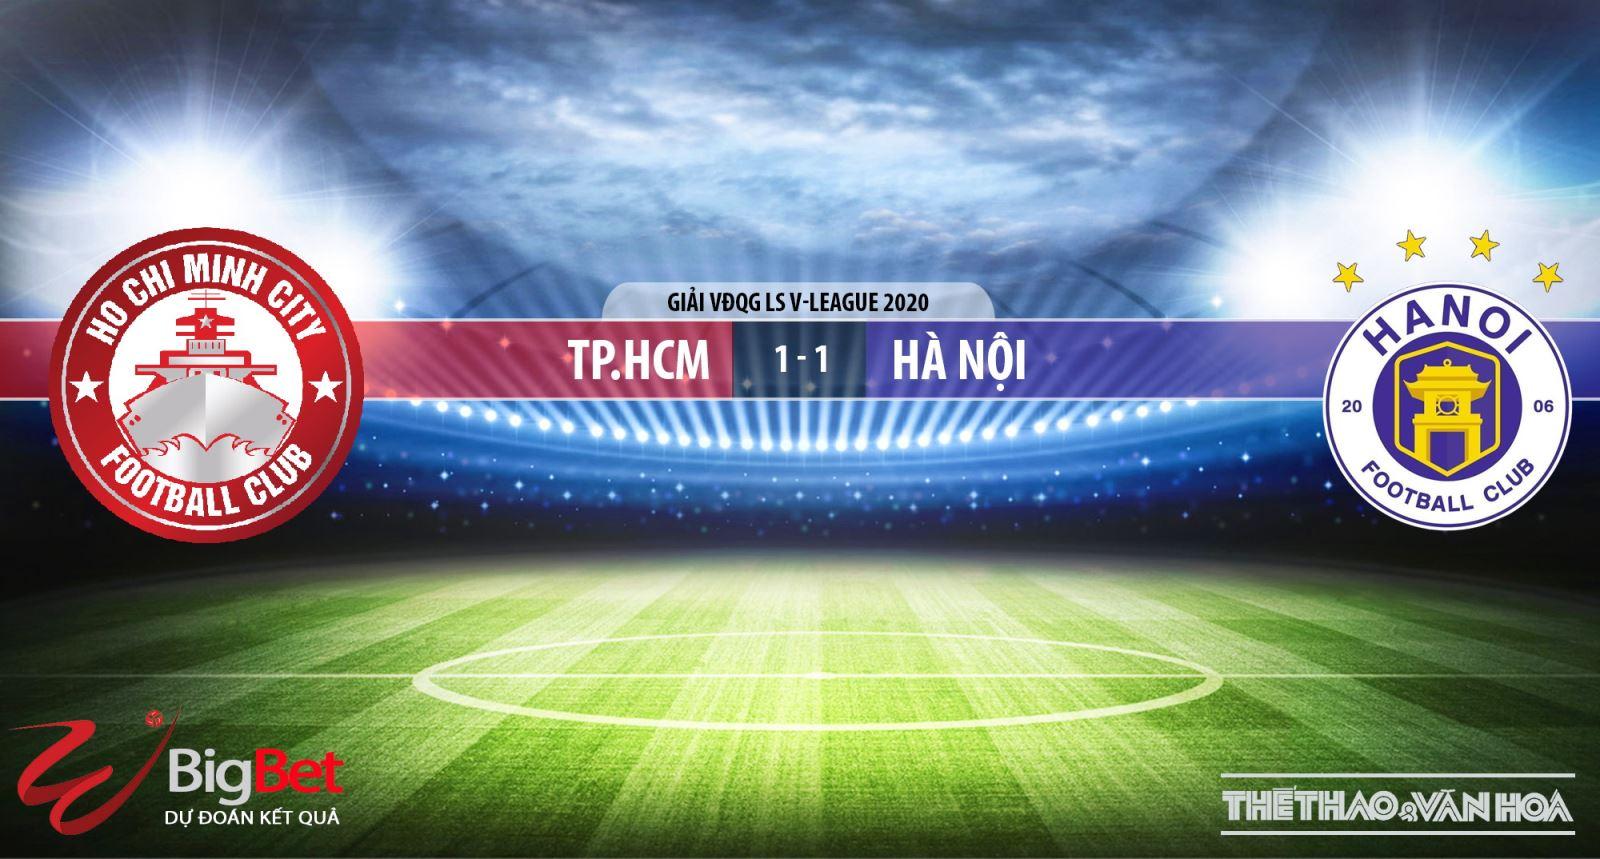 TP Hồ Chí Minh vs Hà Nội, Hà Nội, TP.HCM, trực tiếp TP Hồ Chí Minh vs Hà Nội, soi kèo TP Hồ Chí Minh vs Hà Nội, dự đoán, kèo bóng đá, soi kèo bóng đá